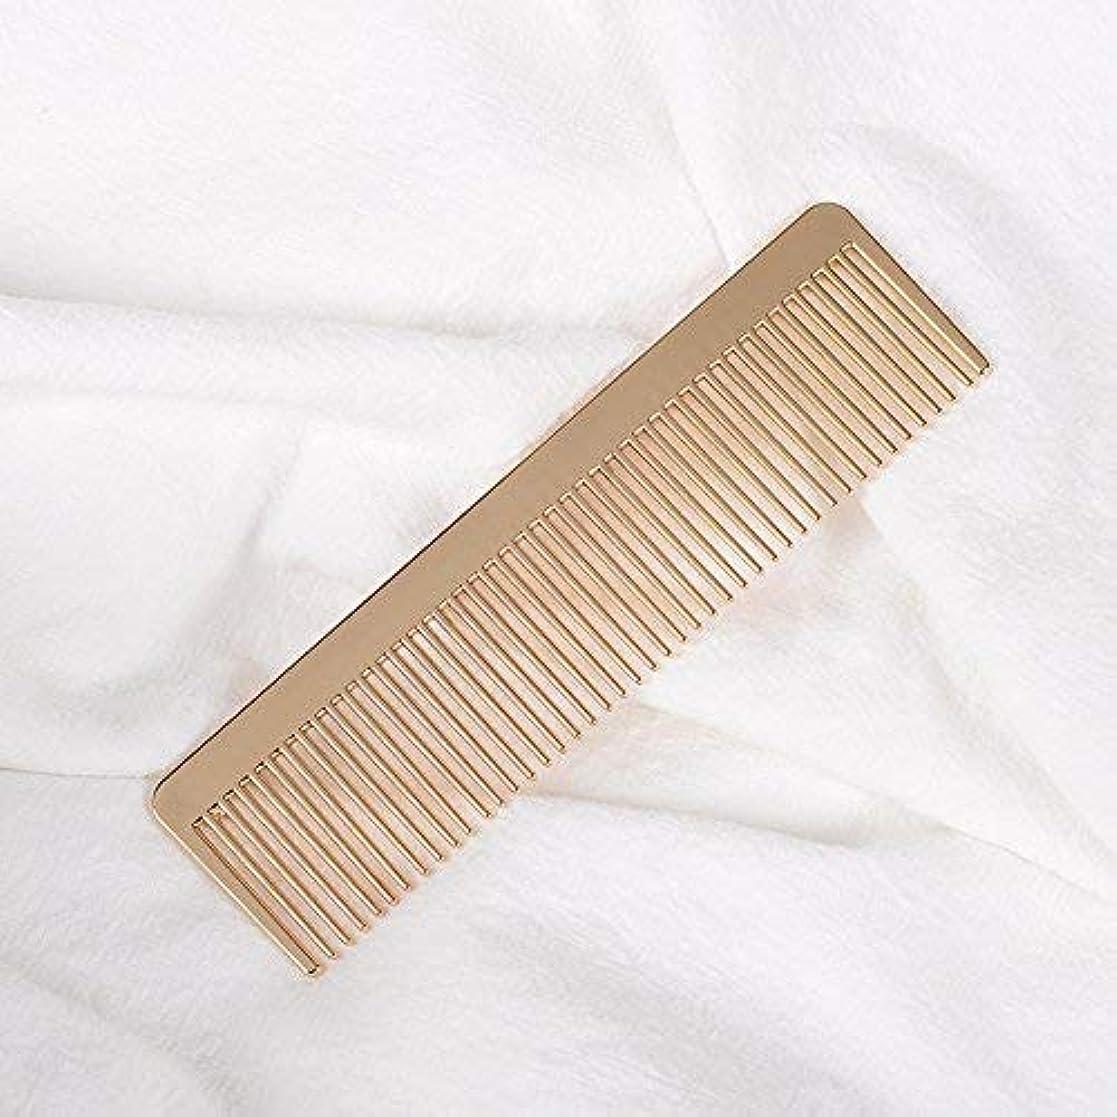 水分慢核Grtdrm Portable Metal Comb, Minimalist Pocket Golden Hair Comb for Women Men Unisex [並行輸入品]